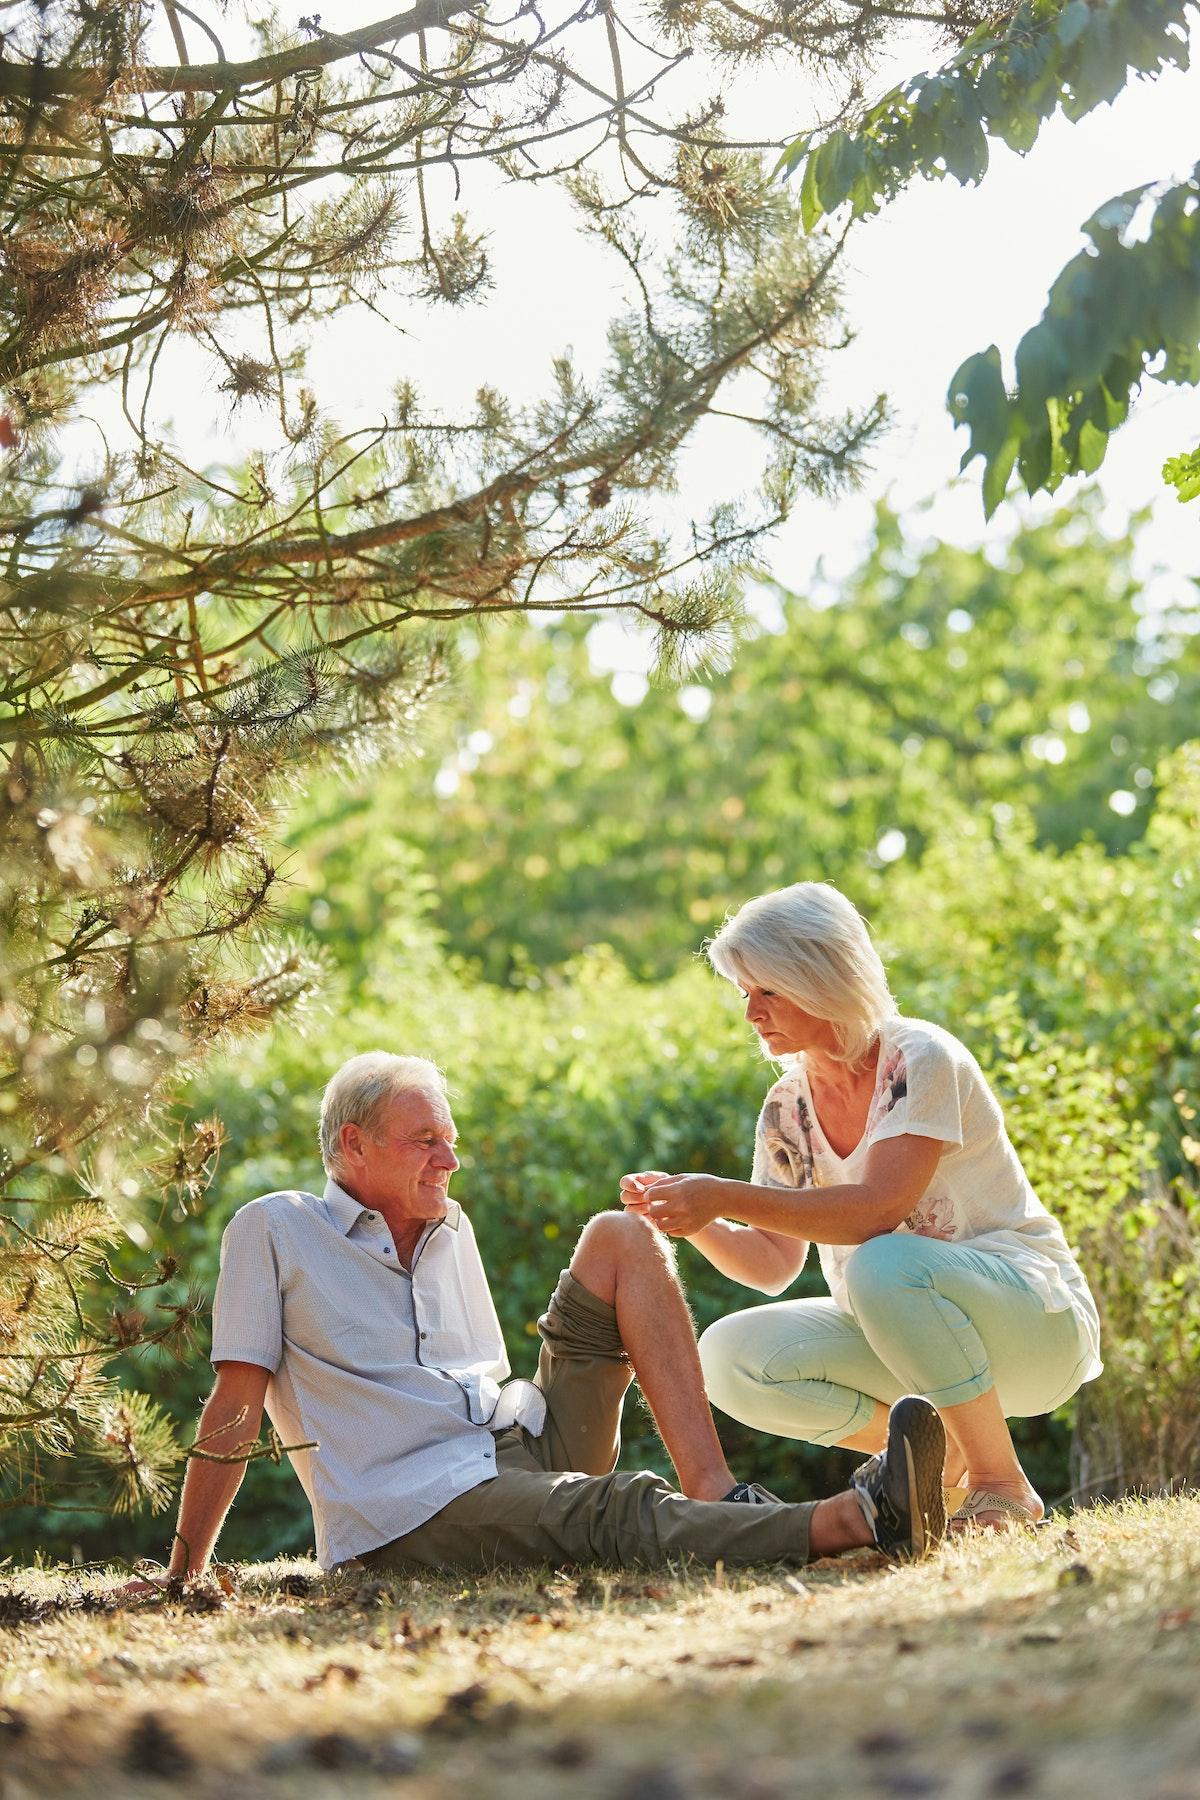 امرأة تساعد رجلاً على وضع ضمادة على ركبته - Getty Images